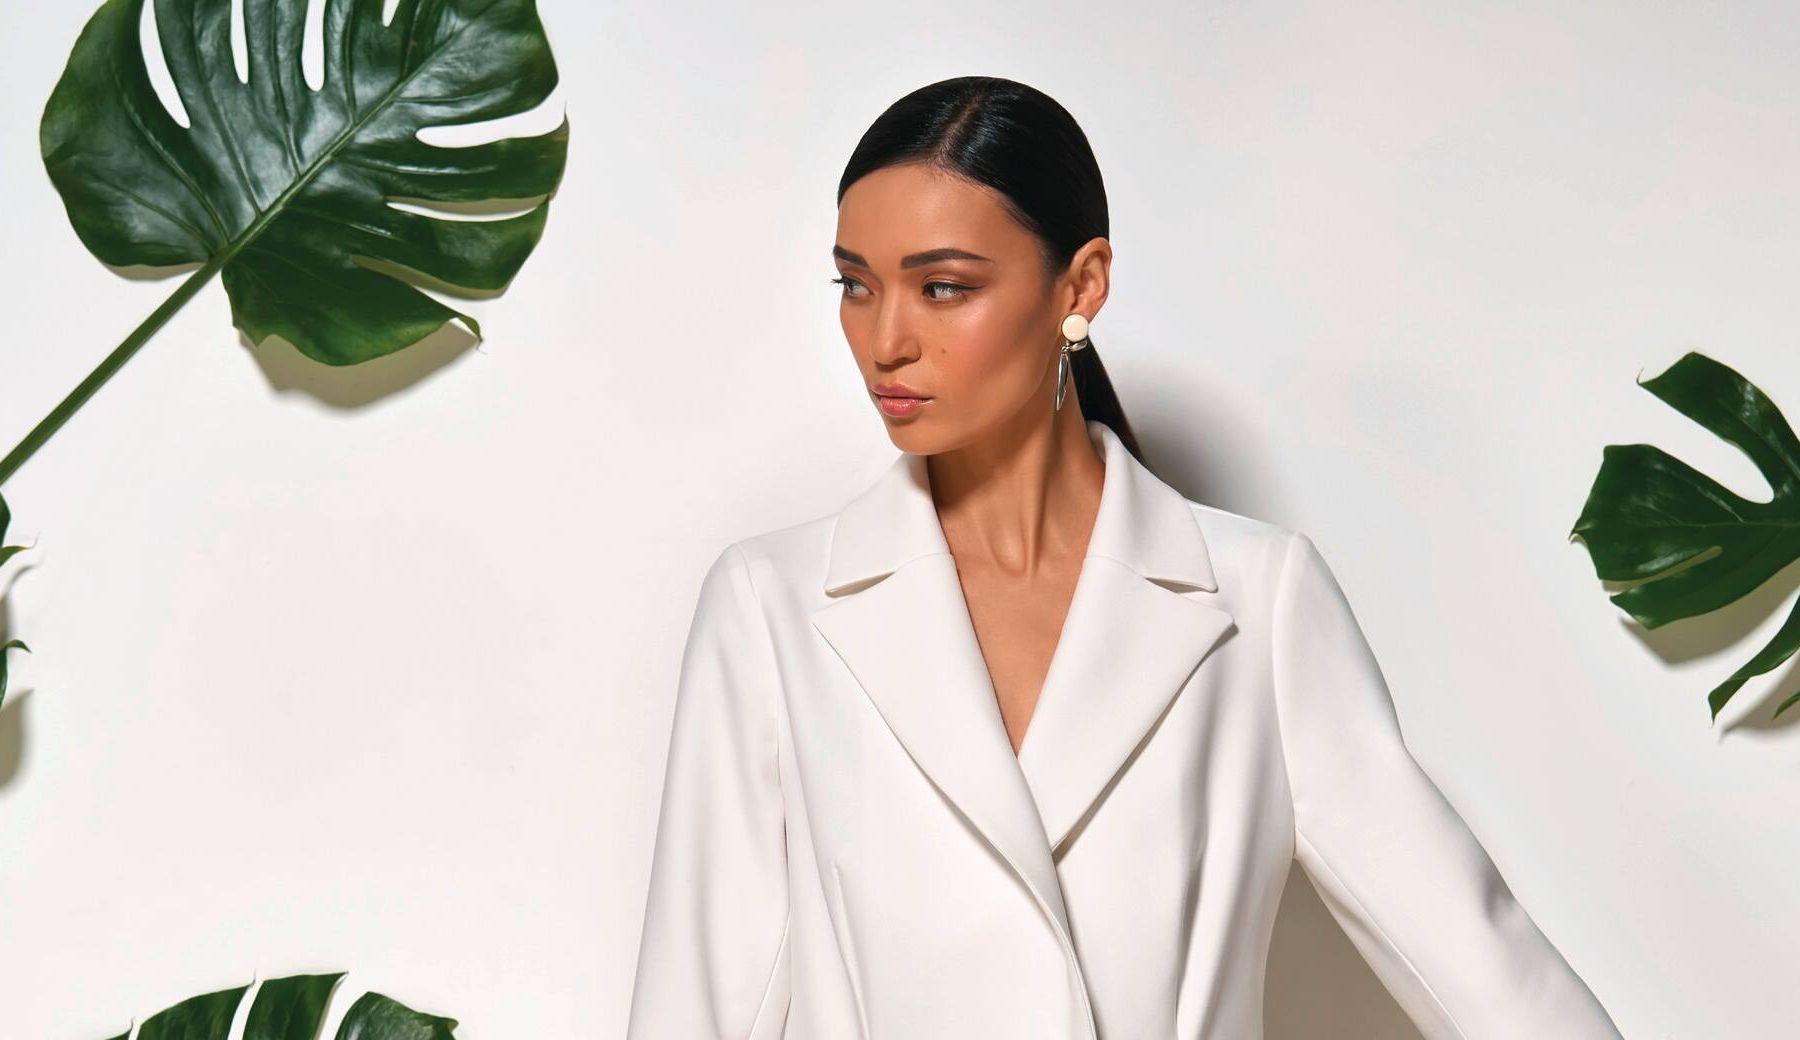 5 Cách tẩy áo trắng dính màu không bị phai